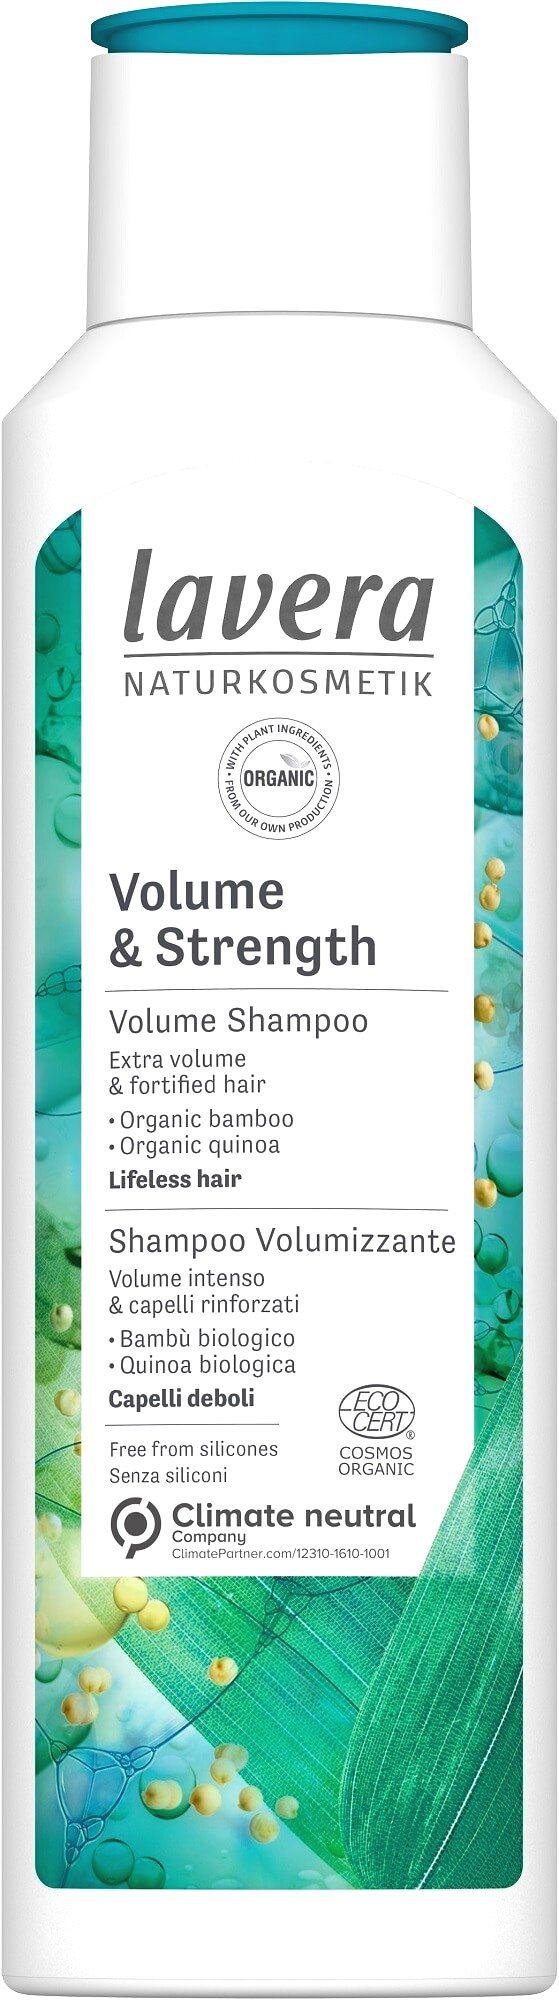 Lavera Objemový šampón pre jemné vlasy (Volume & Strenght Shampoo) 250 ml